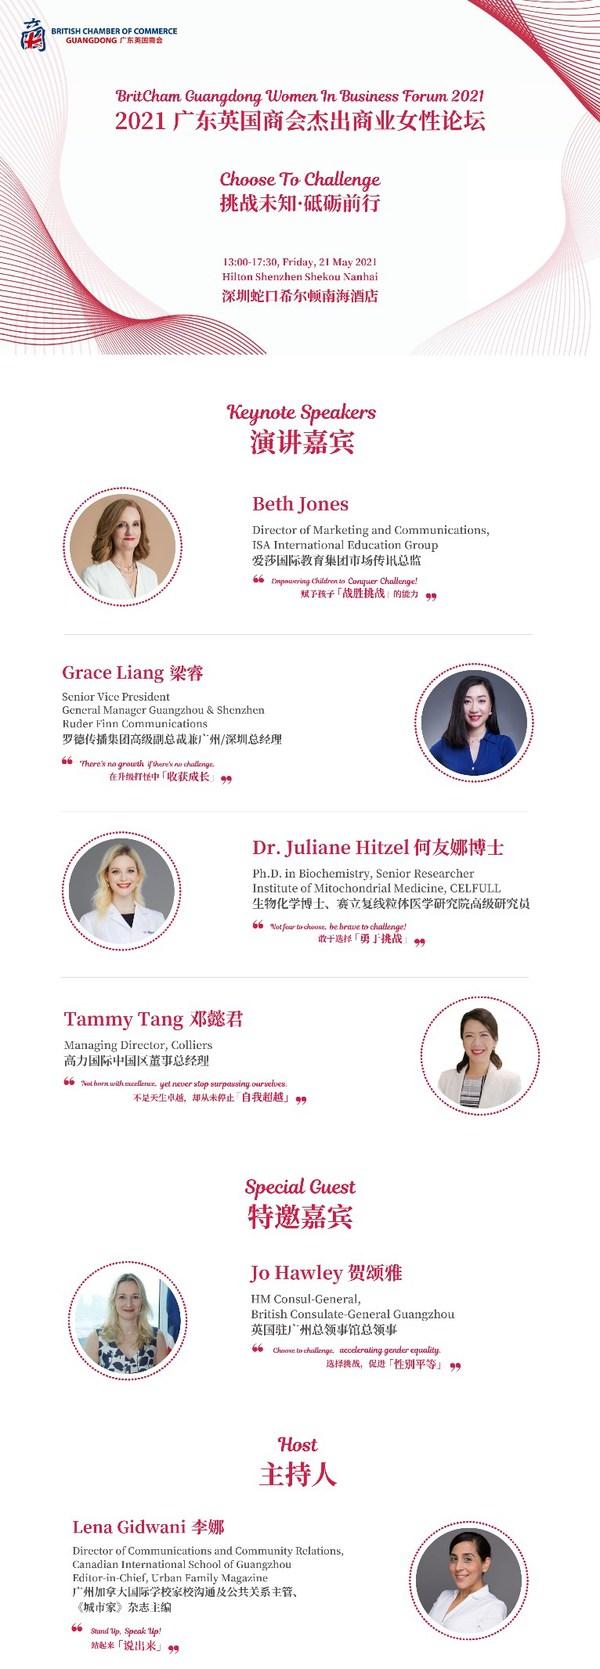 五月,2021 杰出商业女性论坛即将启幕